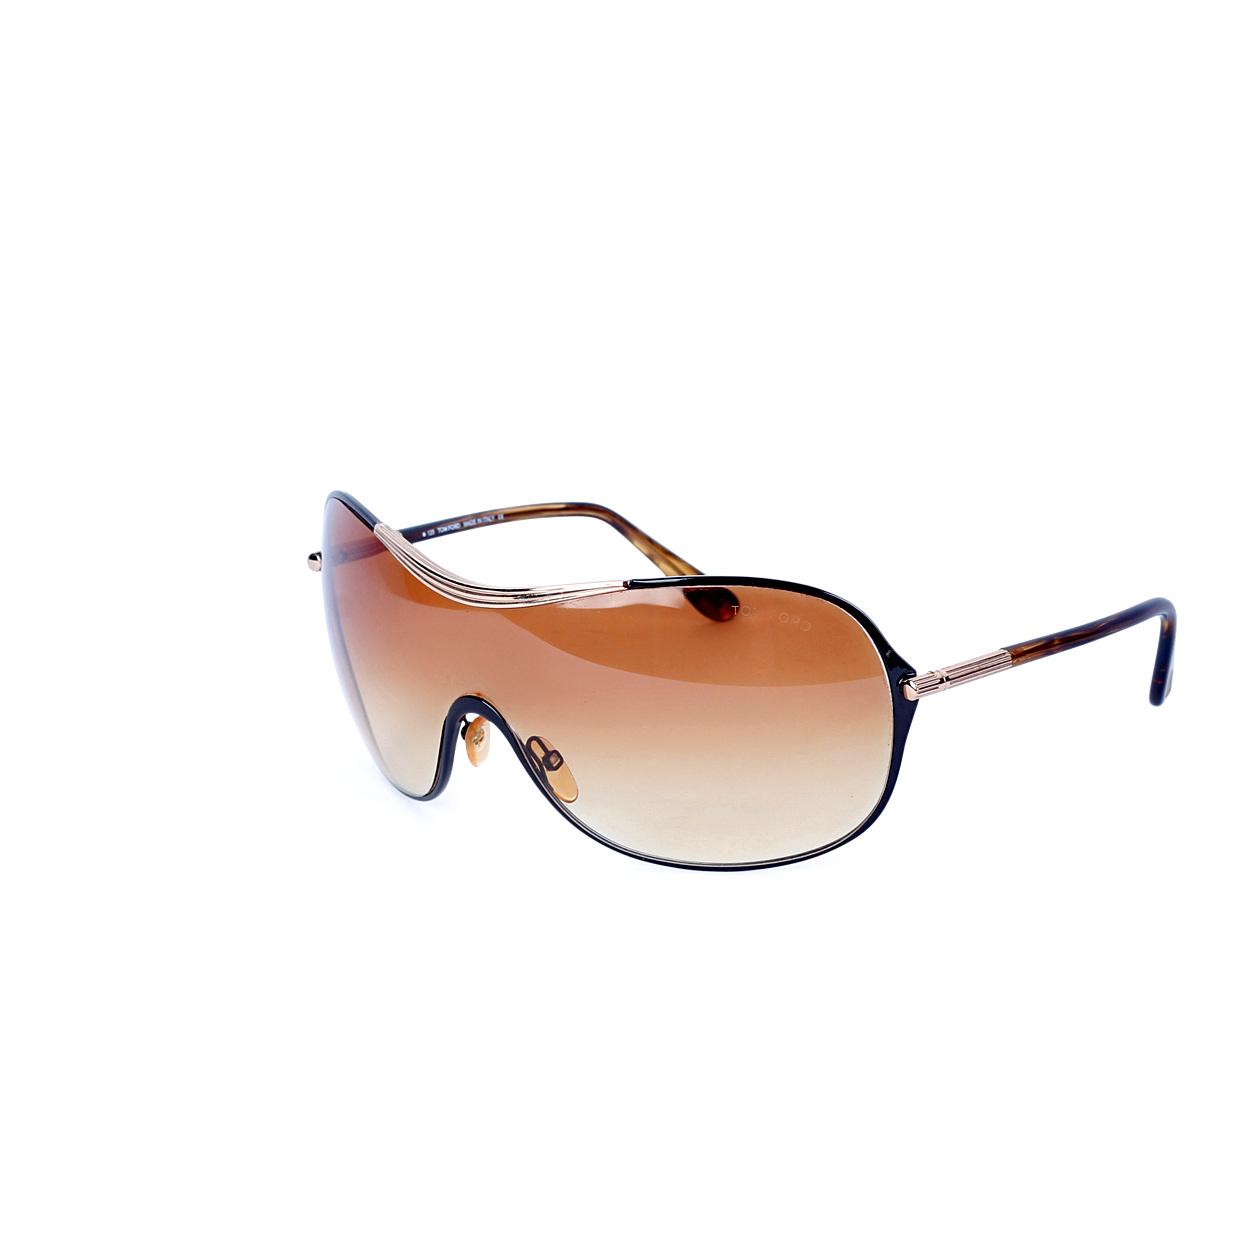 6400e957901c LOUIS VUITTON Men s Folding Evasion Sunglasses w Damier Graphite ...